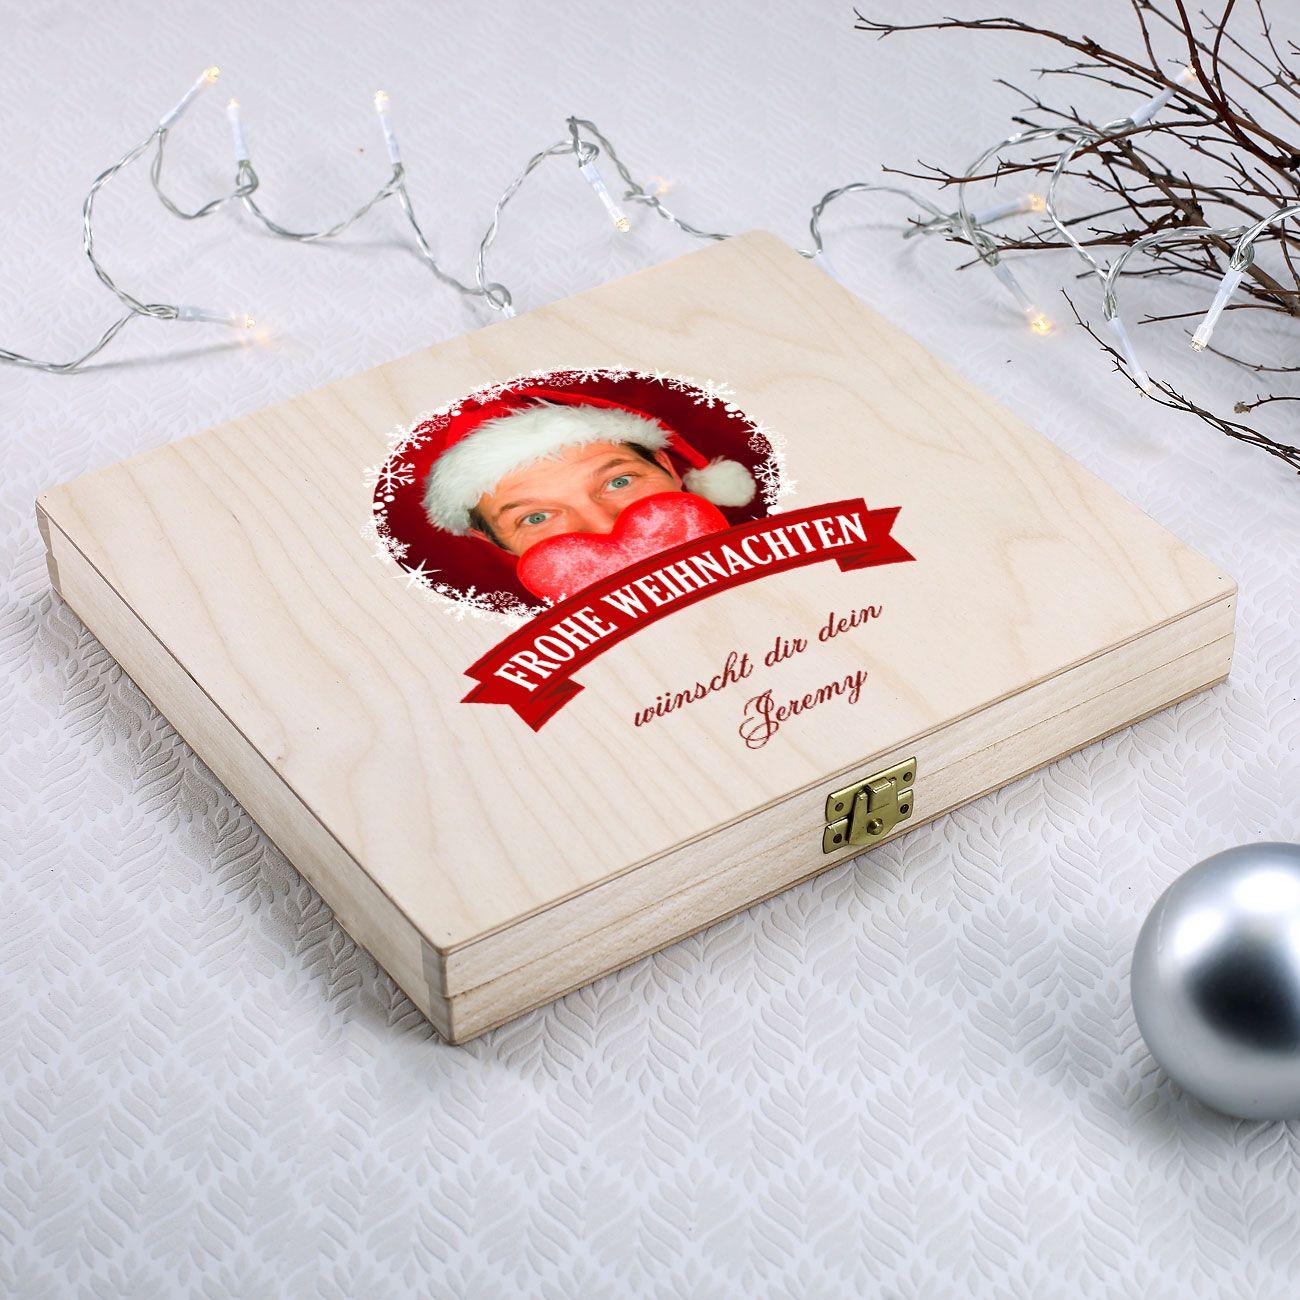 Geschenkverpackung mit Foto und Wunschtext zu Weihnachten ...